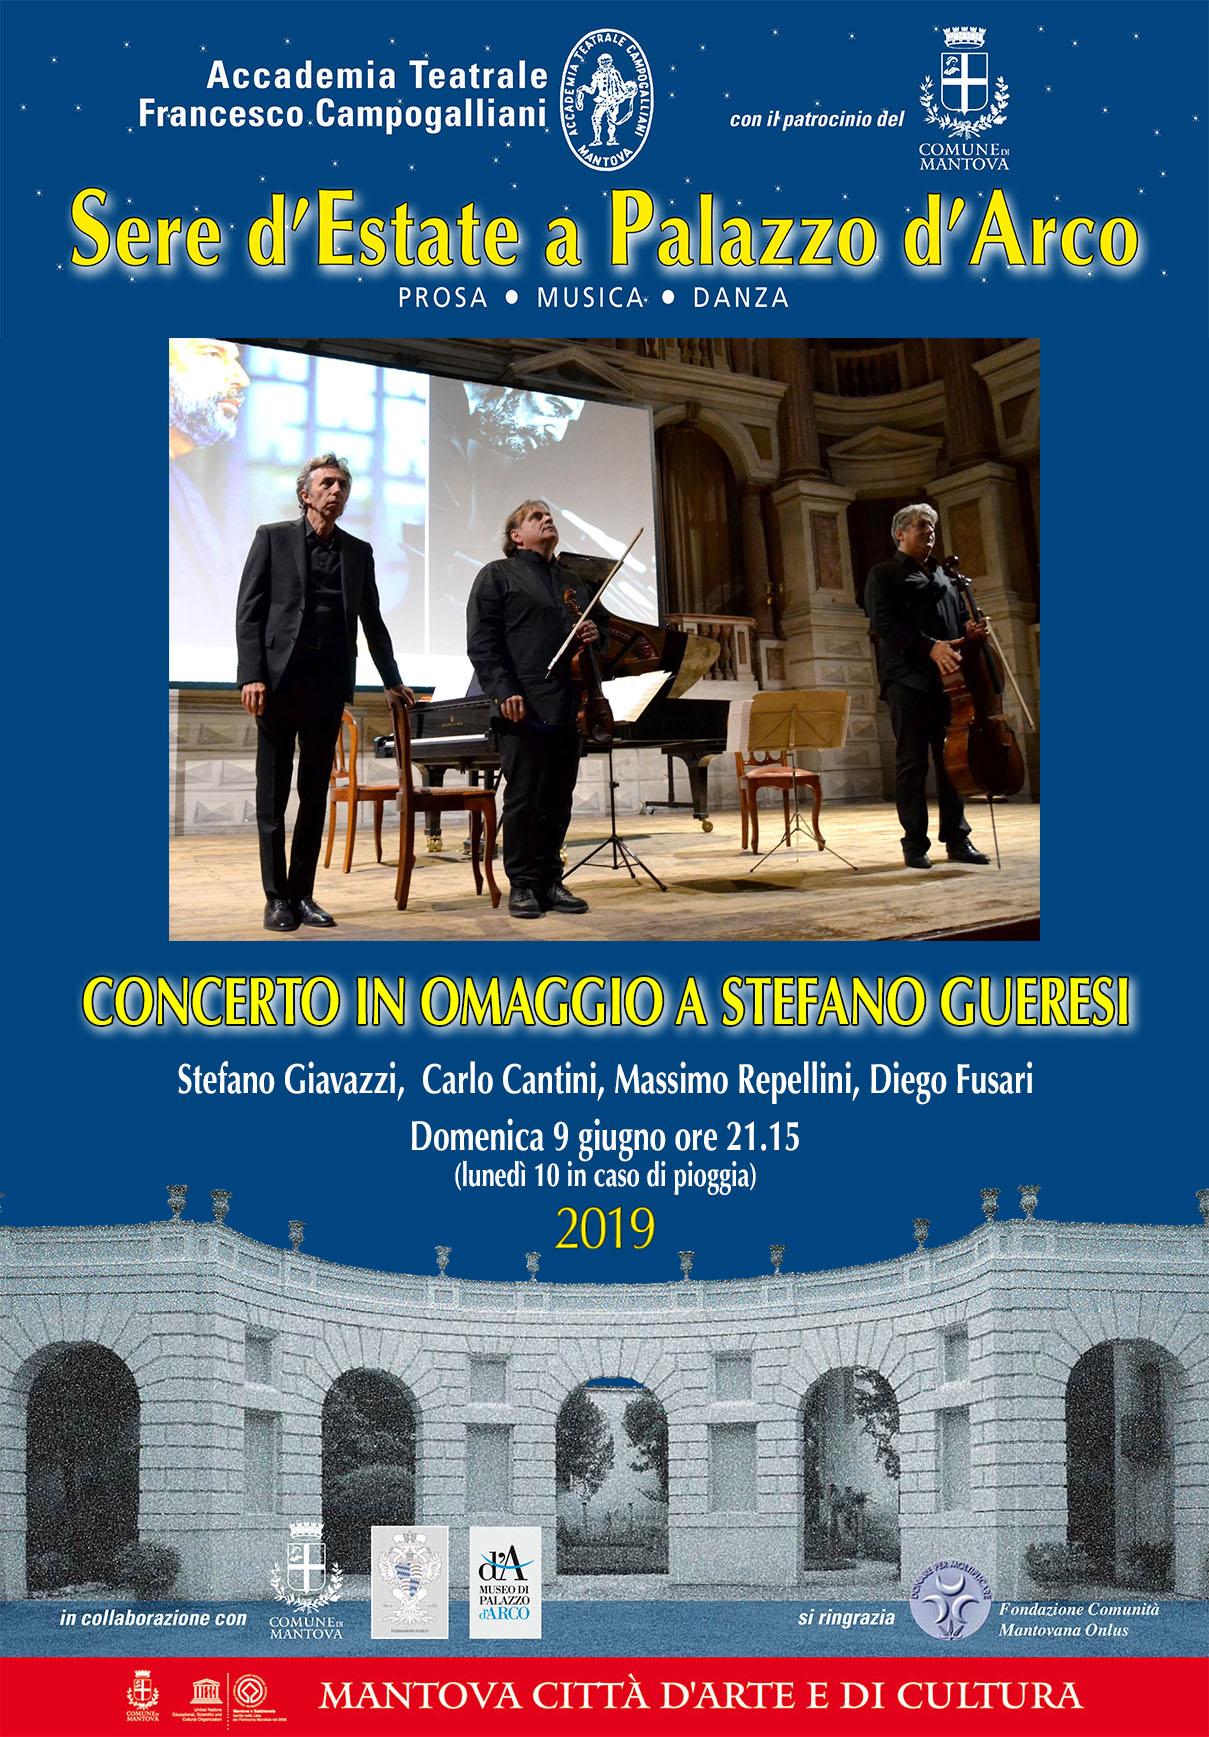 Concerto in omaggio a Stefano Gueresi